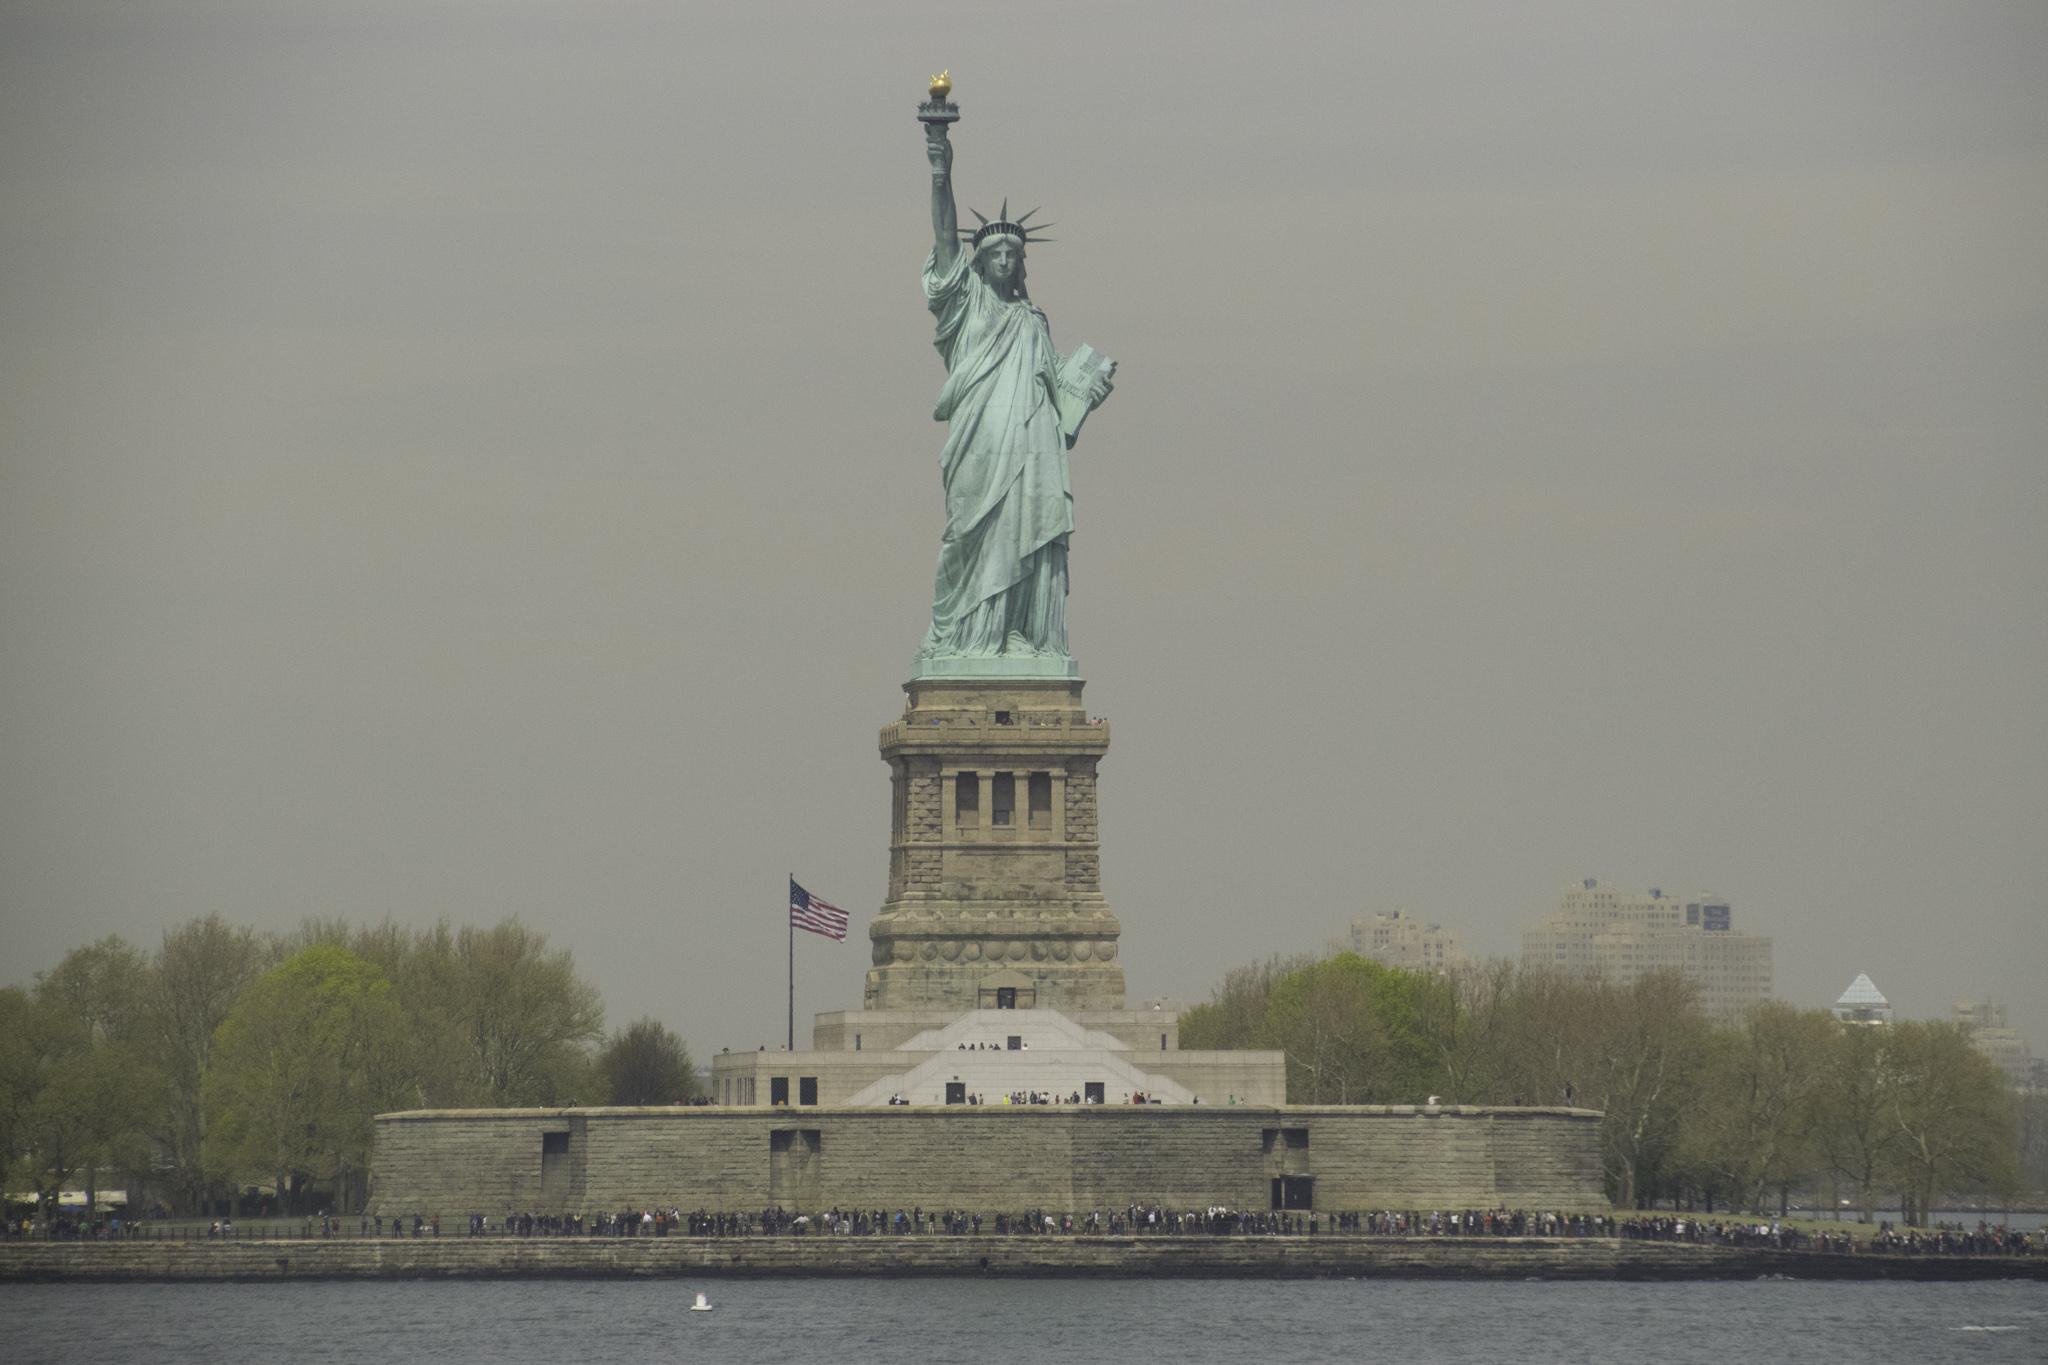 Lady Liberty - scheint auf den Fotos stets grösser als in Wirklichkeit